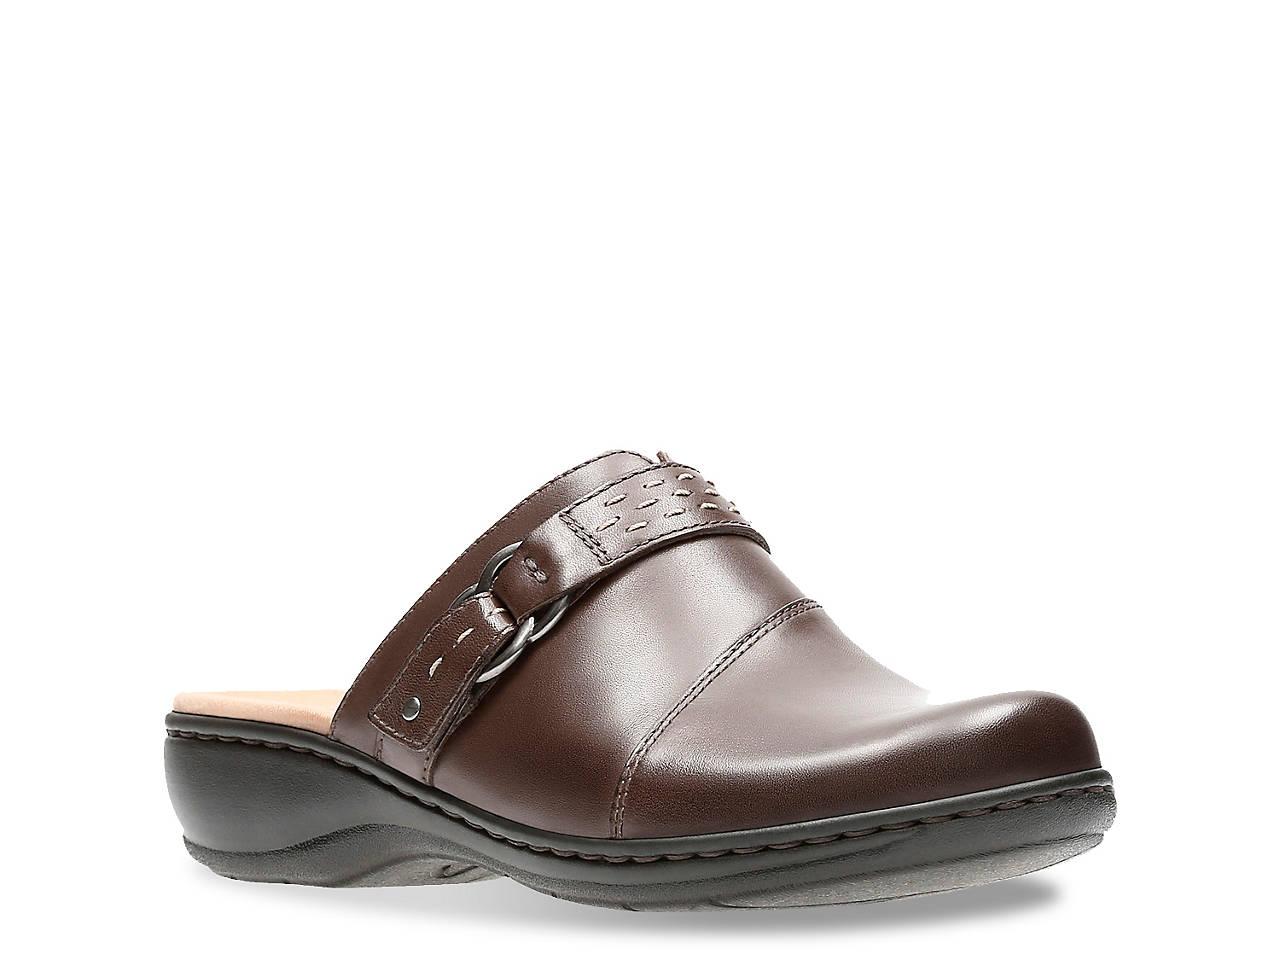 f76c27bc7894 Clarks Leisa Sadie Clog Women s Shoes